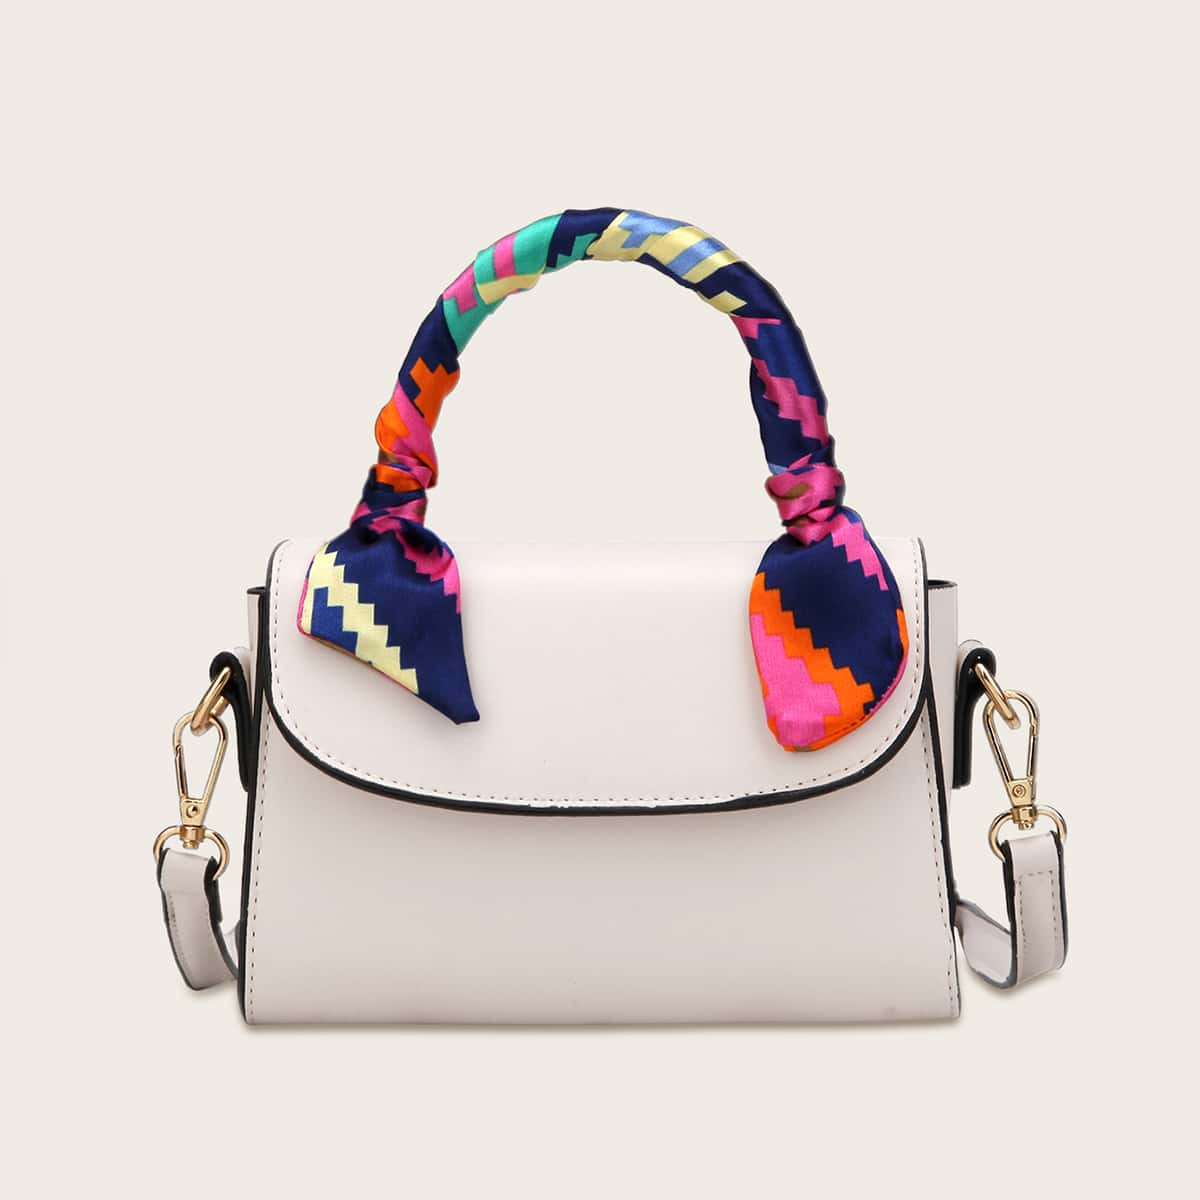 Satchel-tas voor meisjes Twilly met sjaaldecor